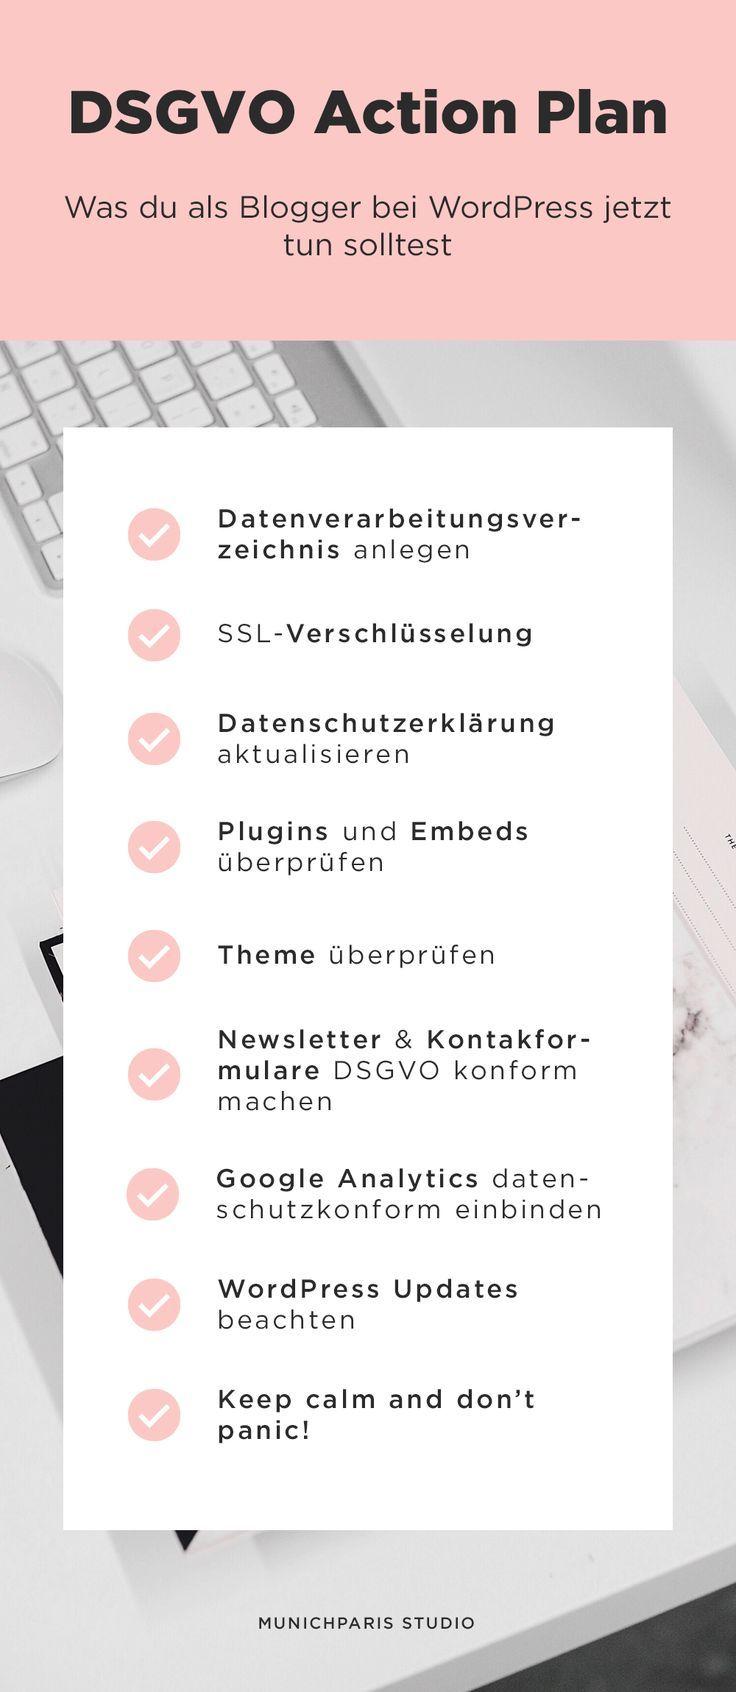 Die DSGVO & WordPress: Checkliste für Blogger – Ki Si